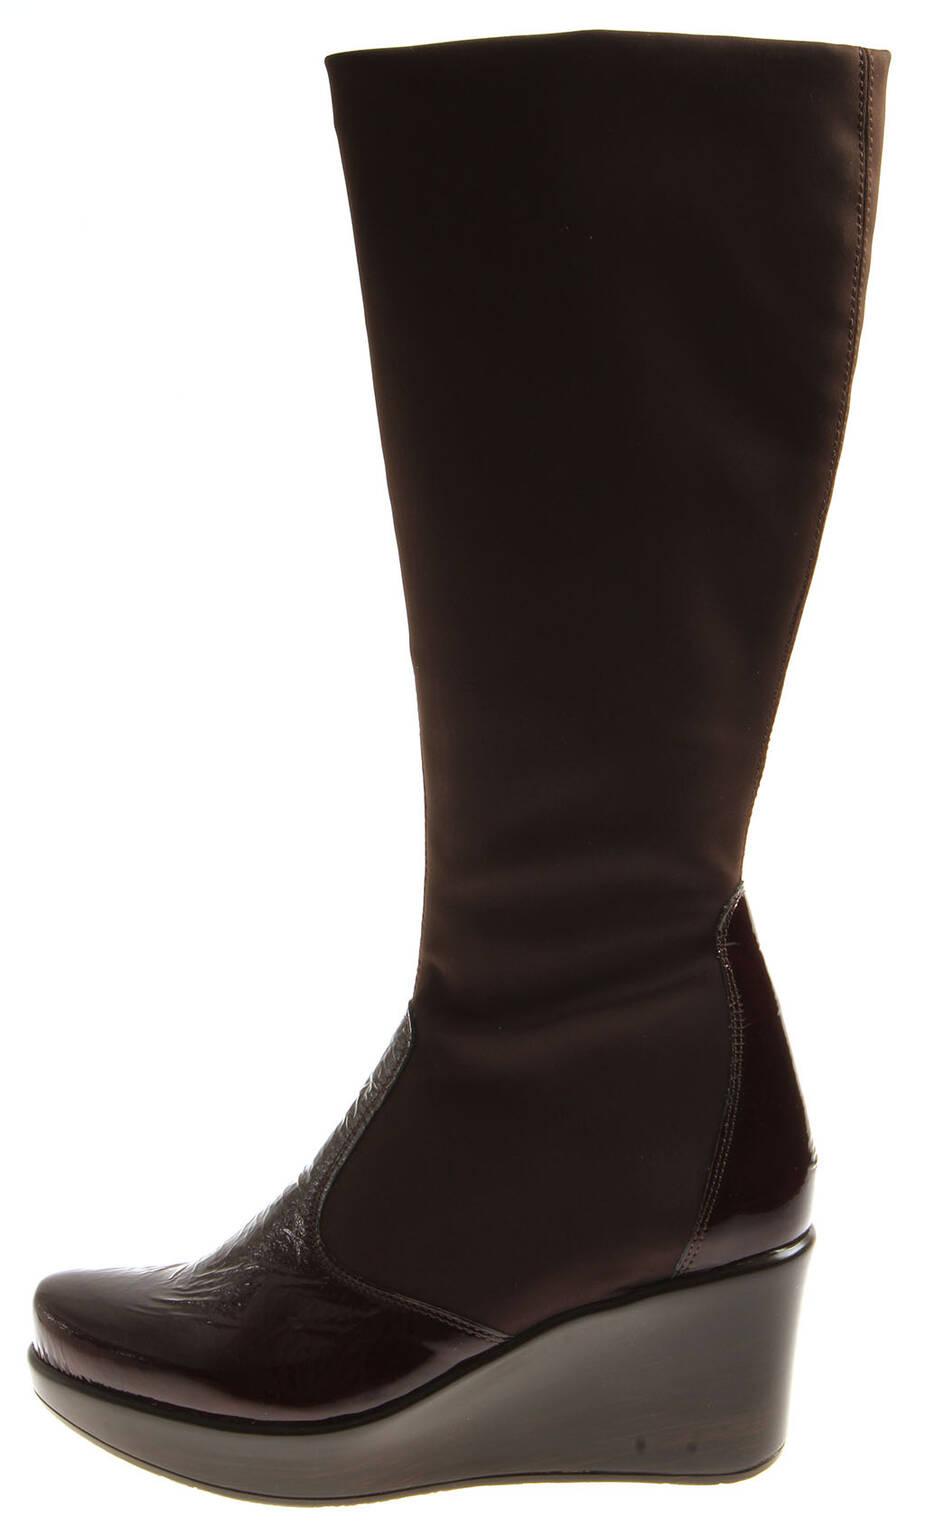 Bottes En 38001 Modèle Cuir Shine Femmes Chaussures Strechstiefel Naot YUzC8xwq8